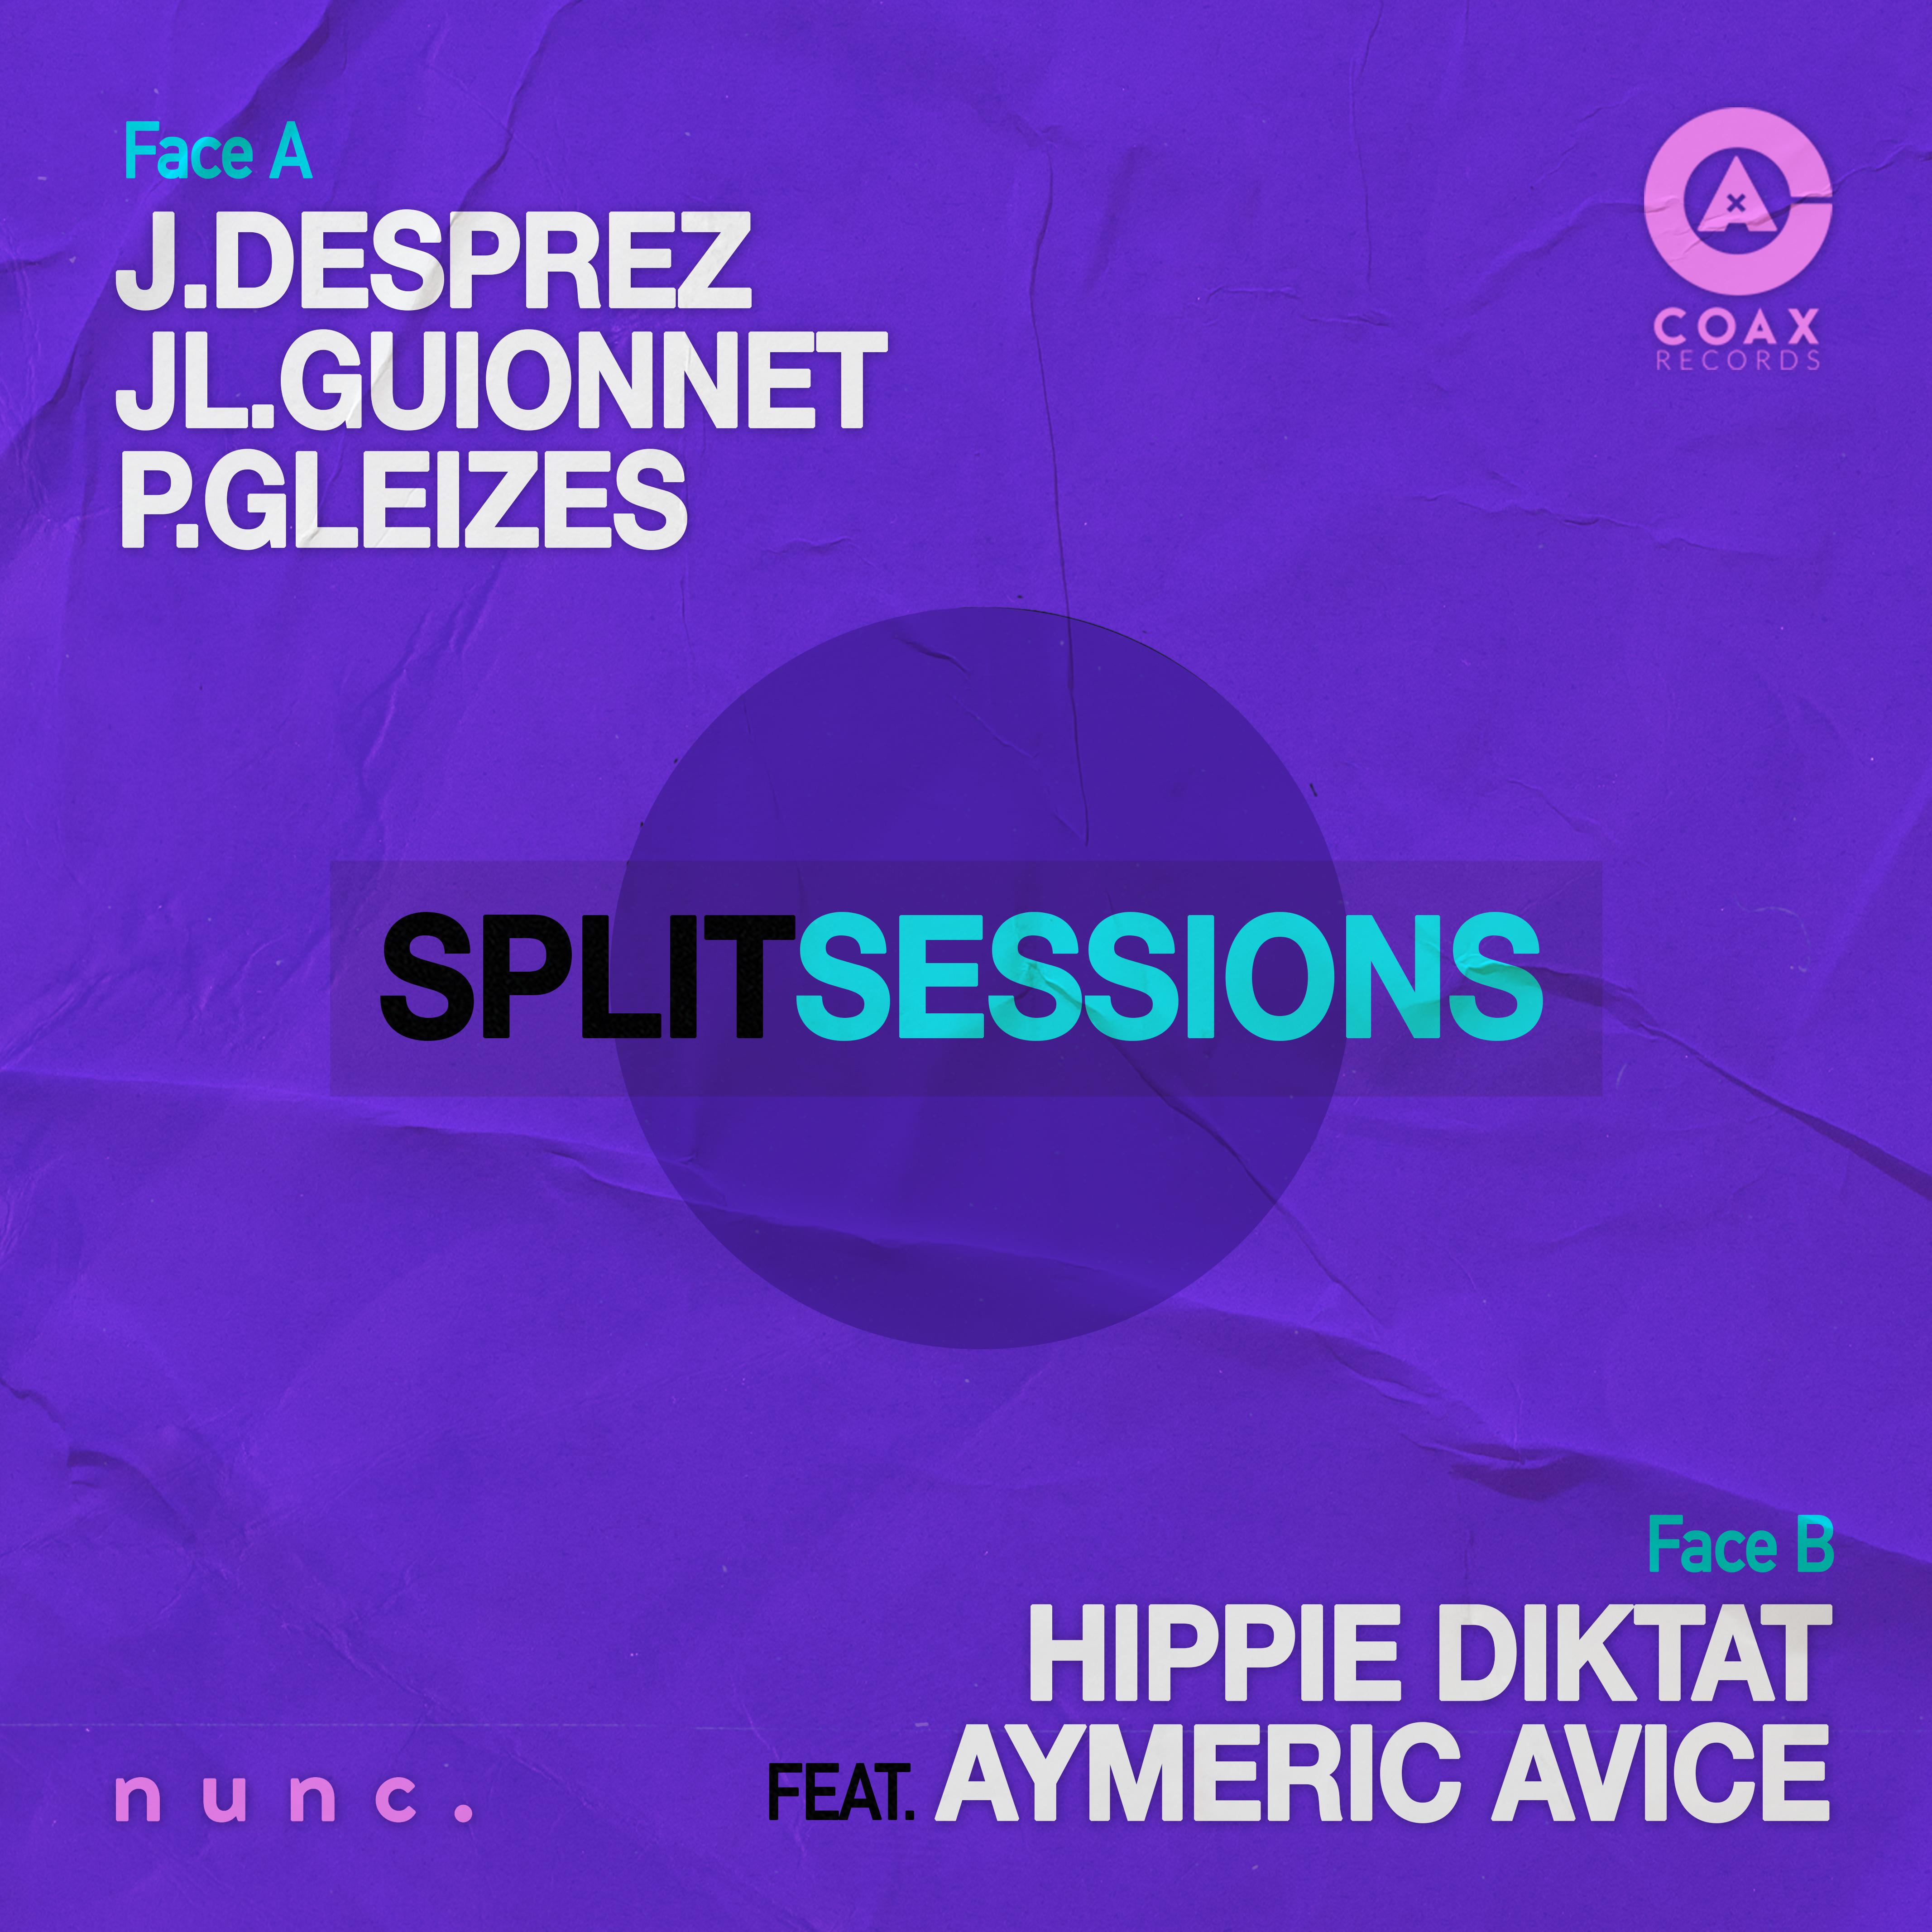 - SPLIT SESSIONS - Desprez Guionnet Gleizes / Hippie Diktat Feat. Aymeric Avice